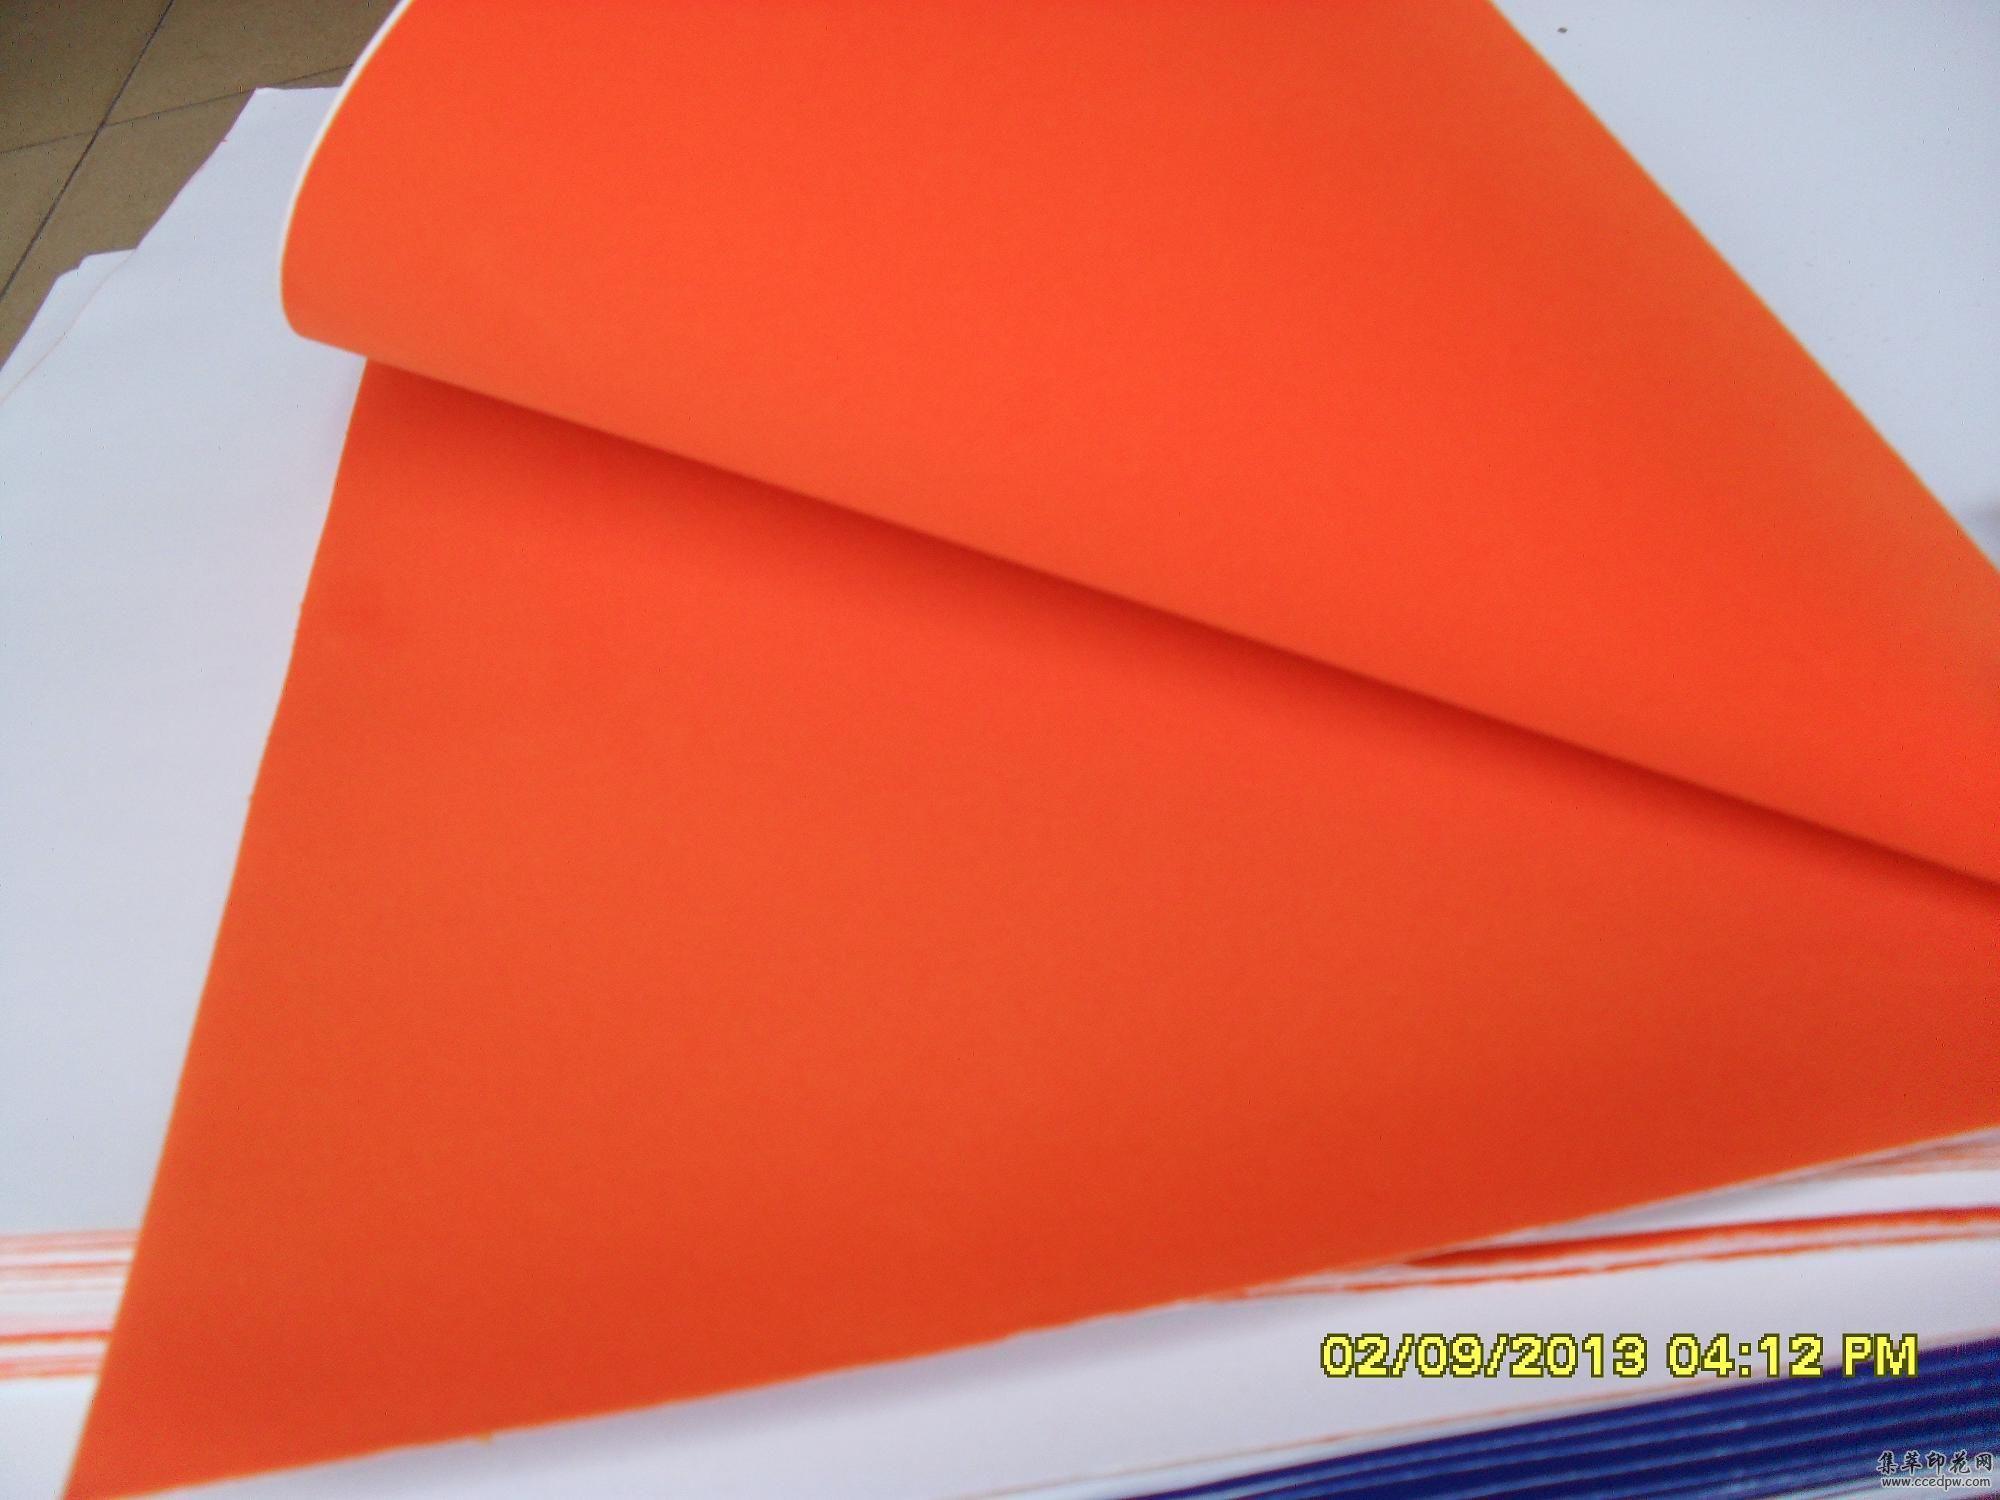 植絨紙,轉印紙,環保貳發,轉印絨毛紙,轉印絨紙,印花燙畫紙